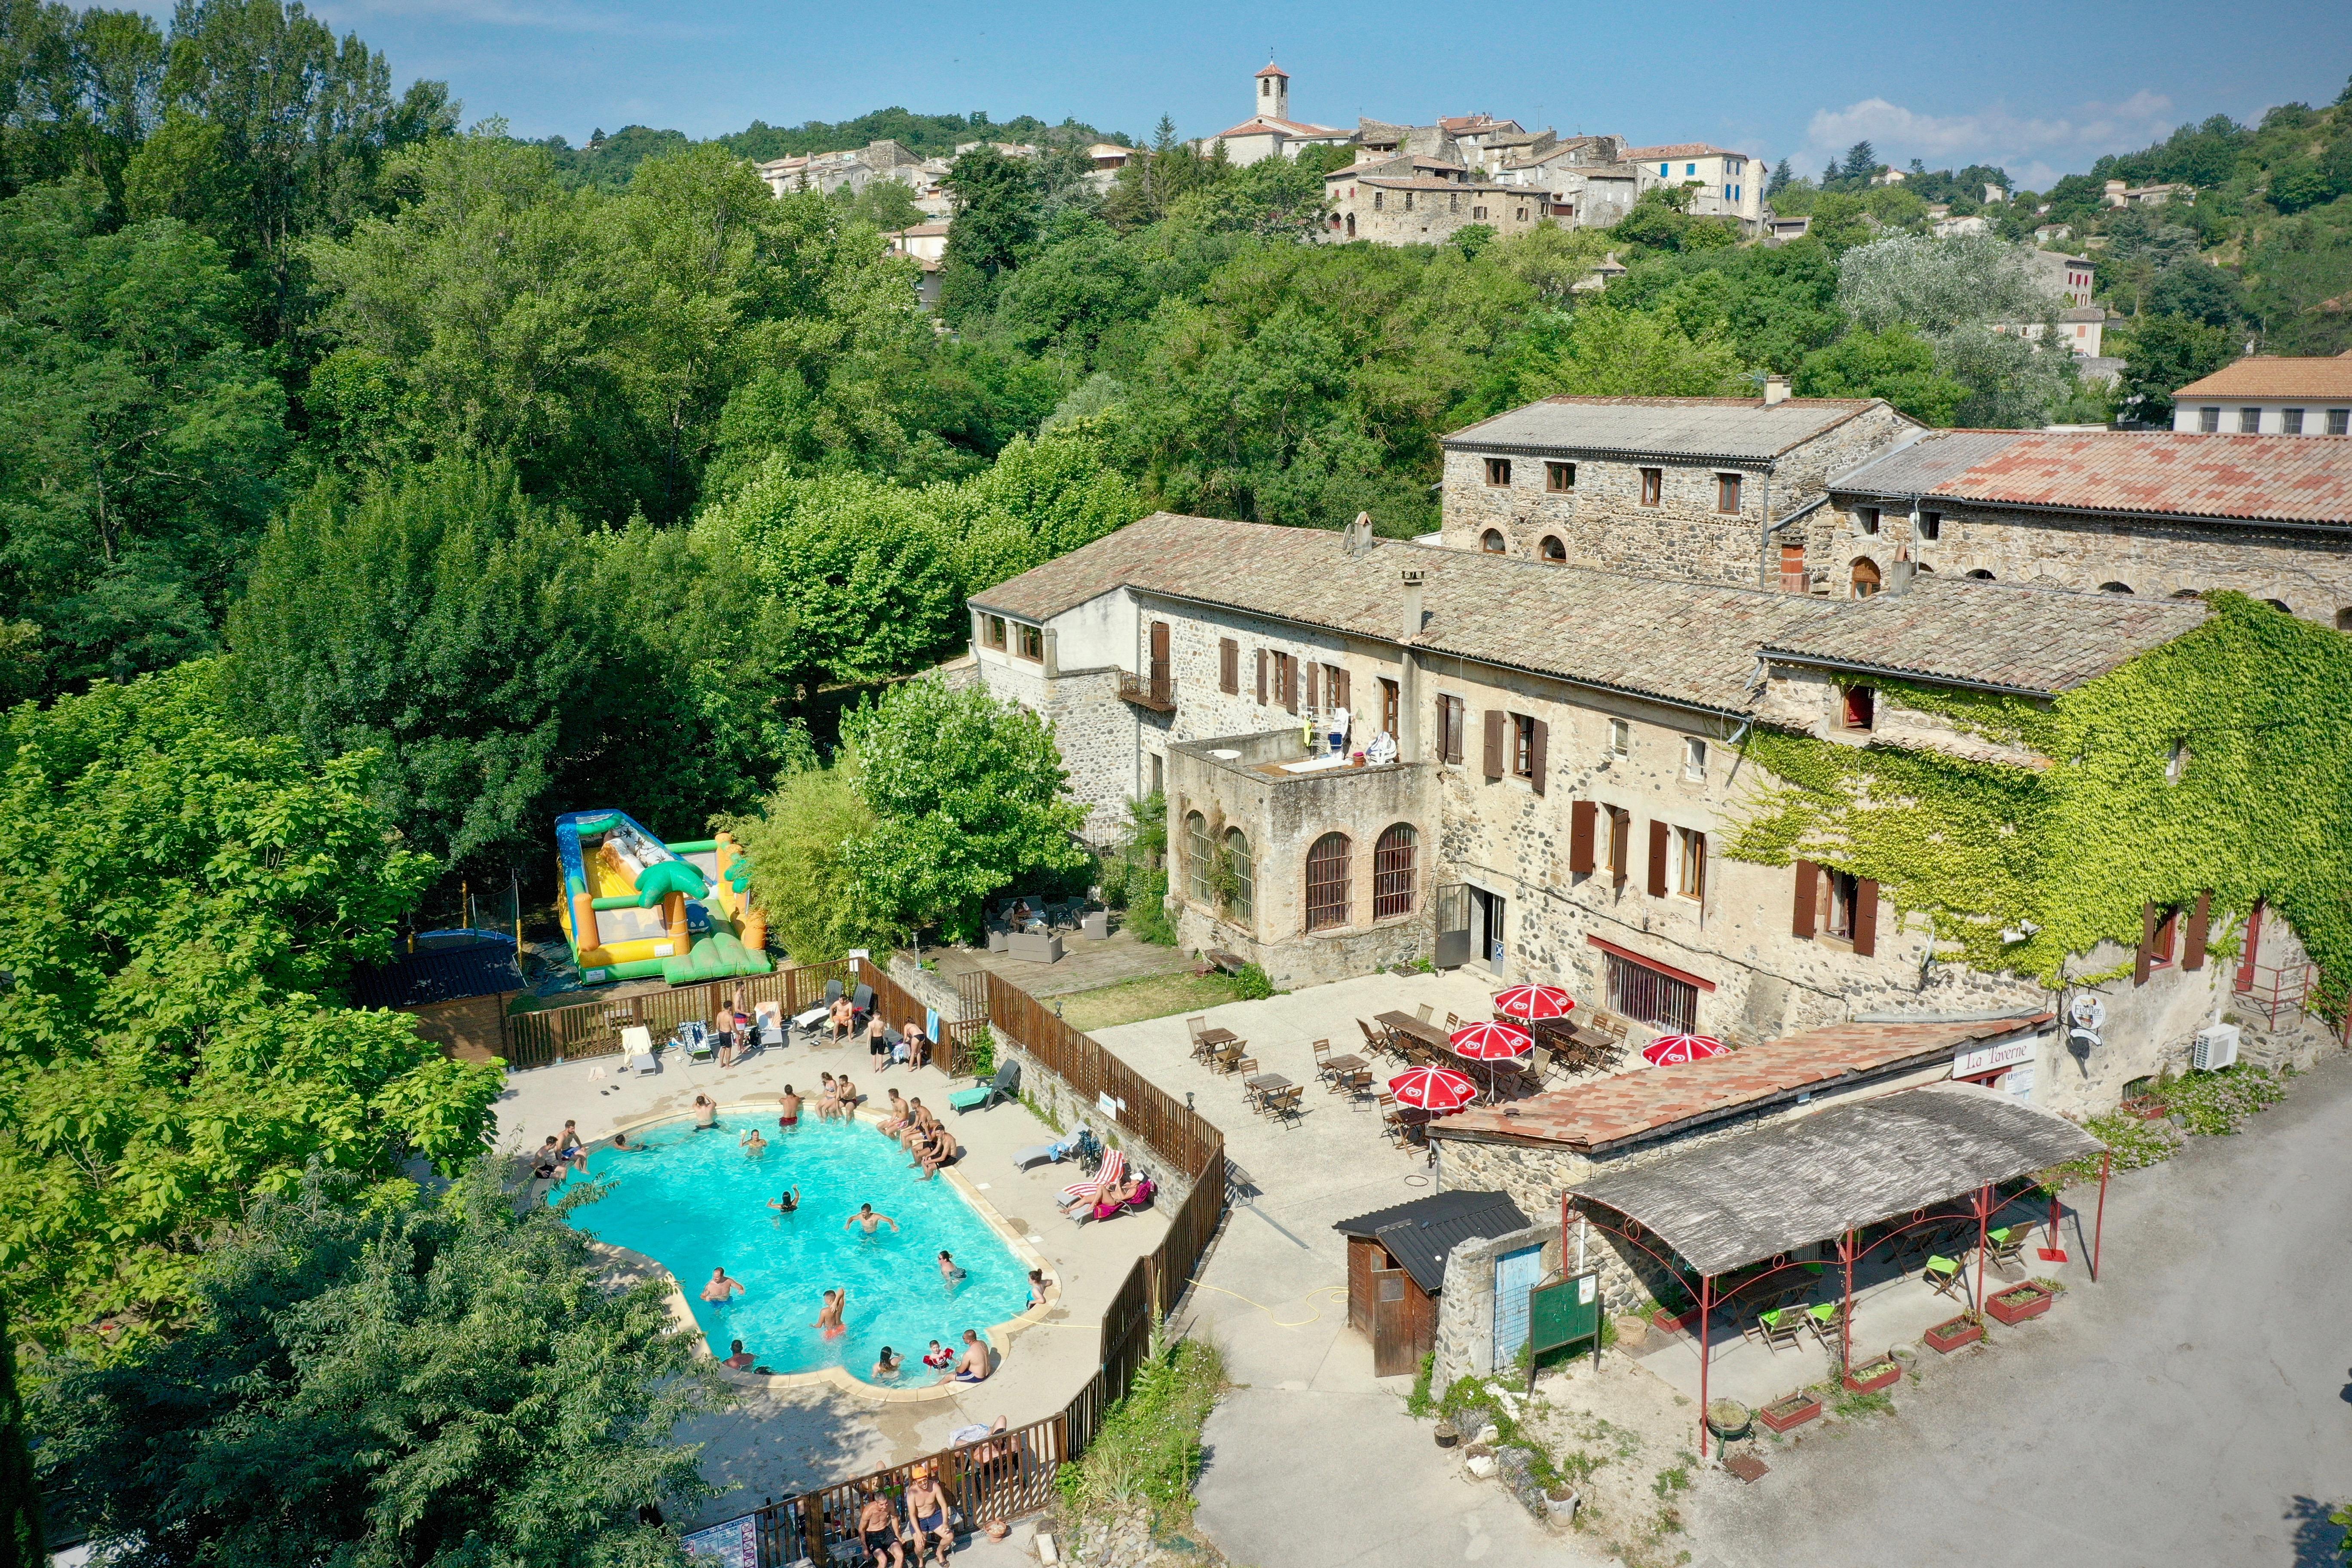 Camping : Le Moulin d'Onclaire Campsite